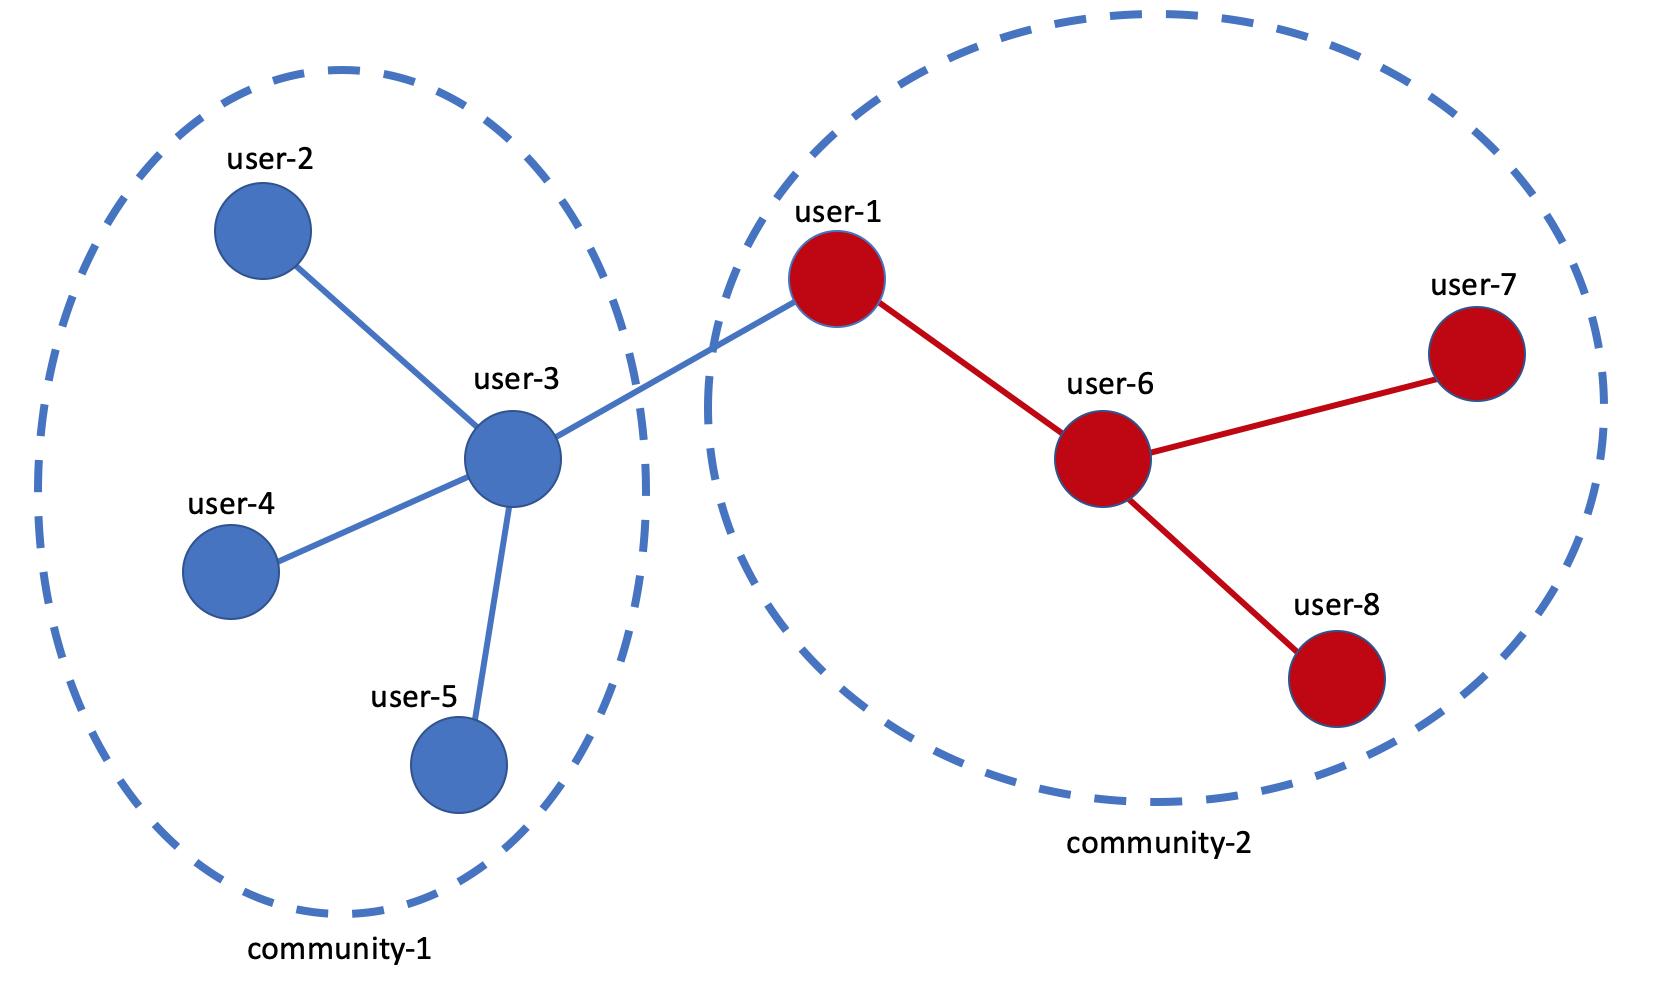 Mapowanie współzależności  między użytkownikami za pomocą narzędzia wizualizacyjnego Gephi.Użytkownicy wchodzą w interakcję poprzez wspominanie o sobie, komentowanie lub odpowiadanie na komentarze